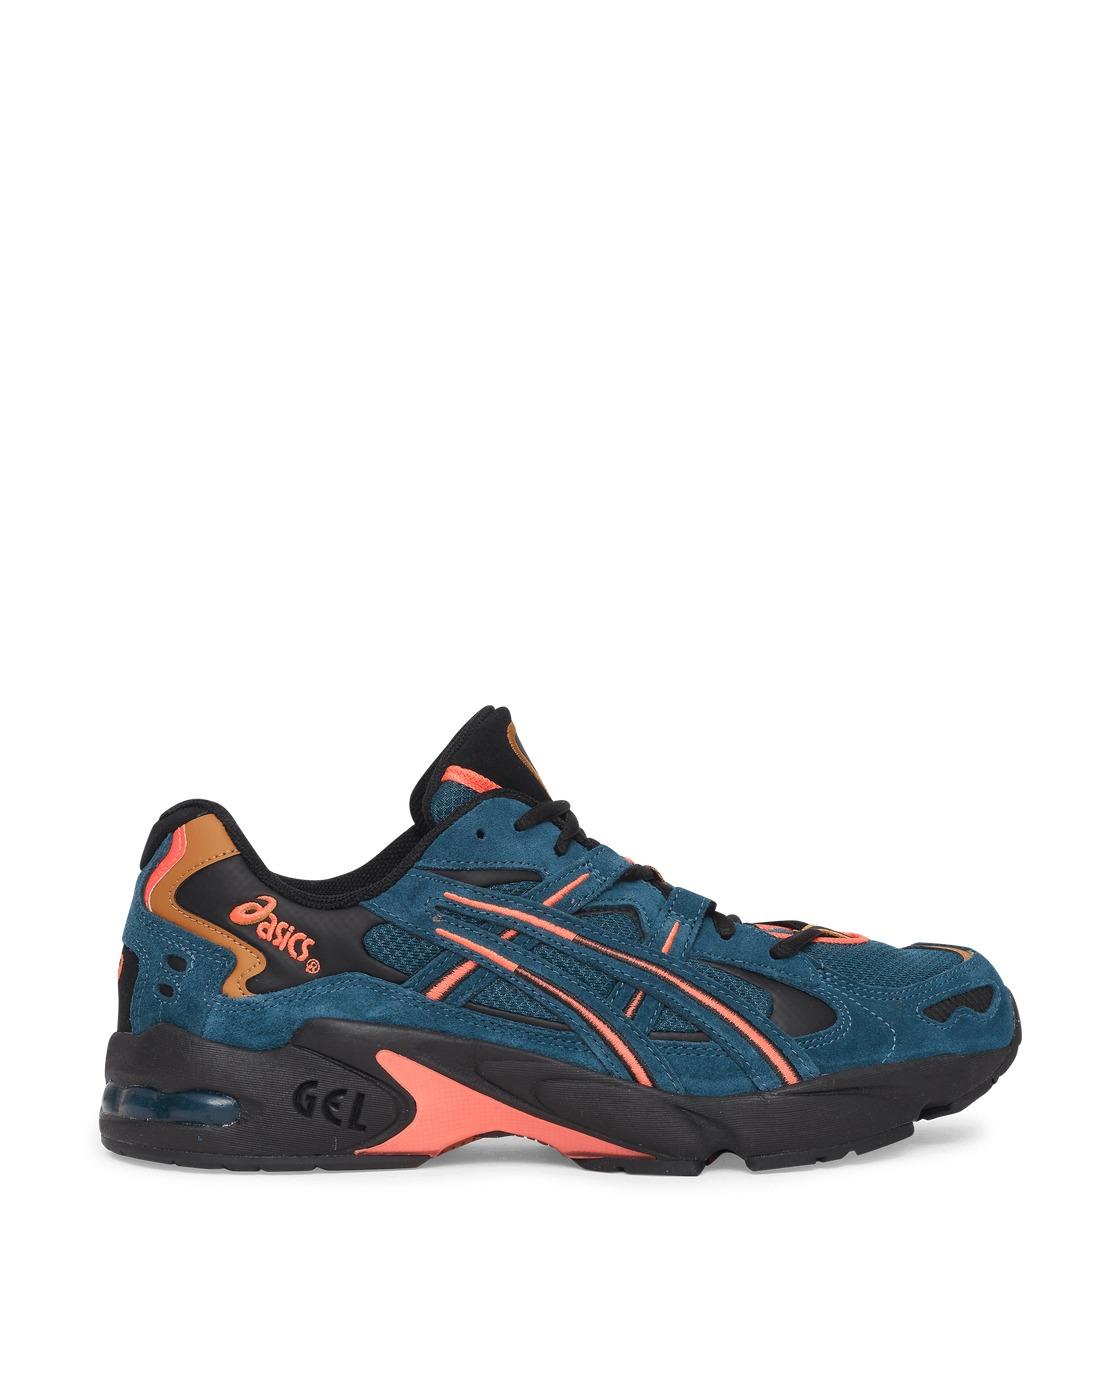 Asics Gel Kayano 5 Og Sneakers Magnetic Blue